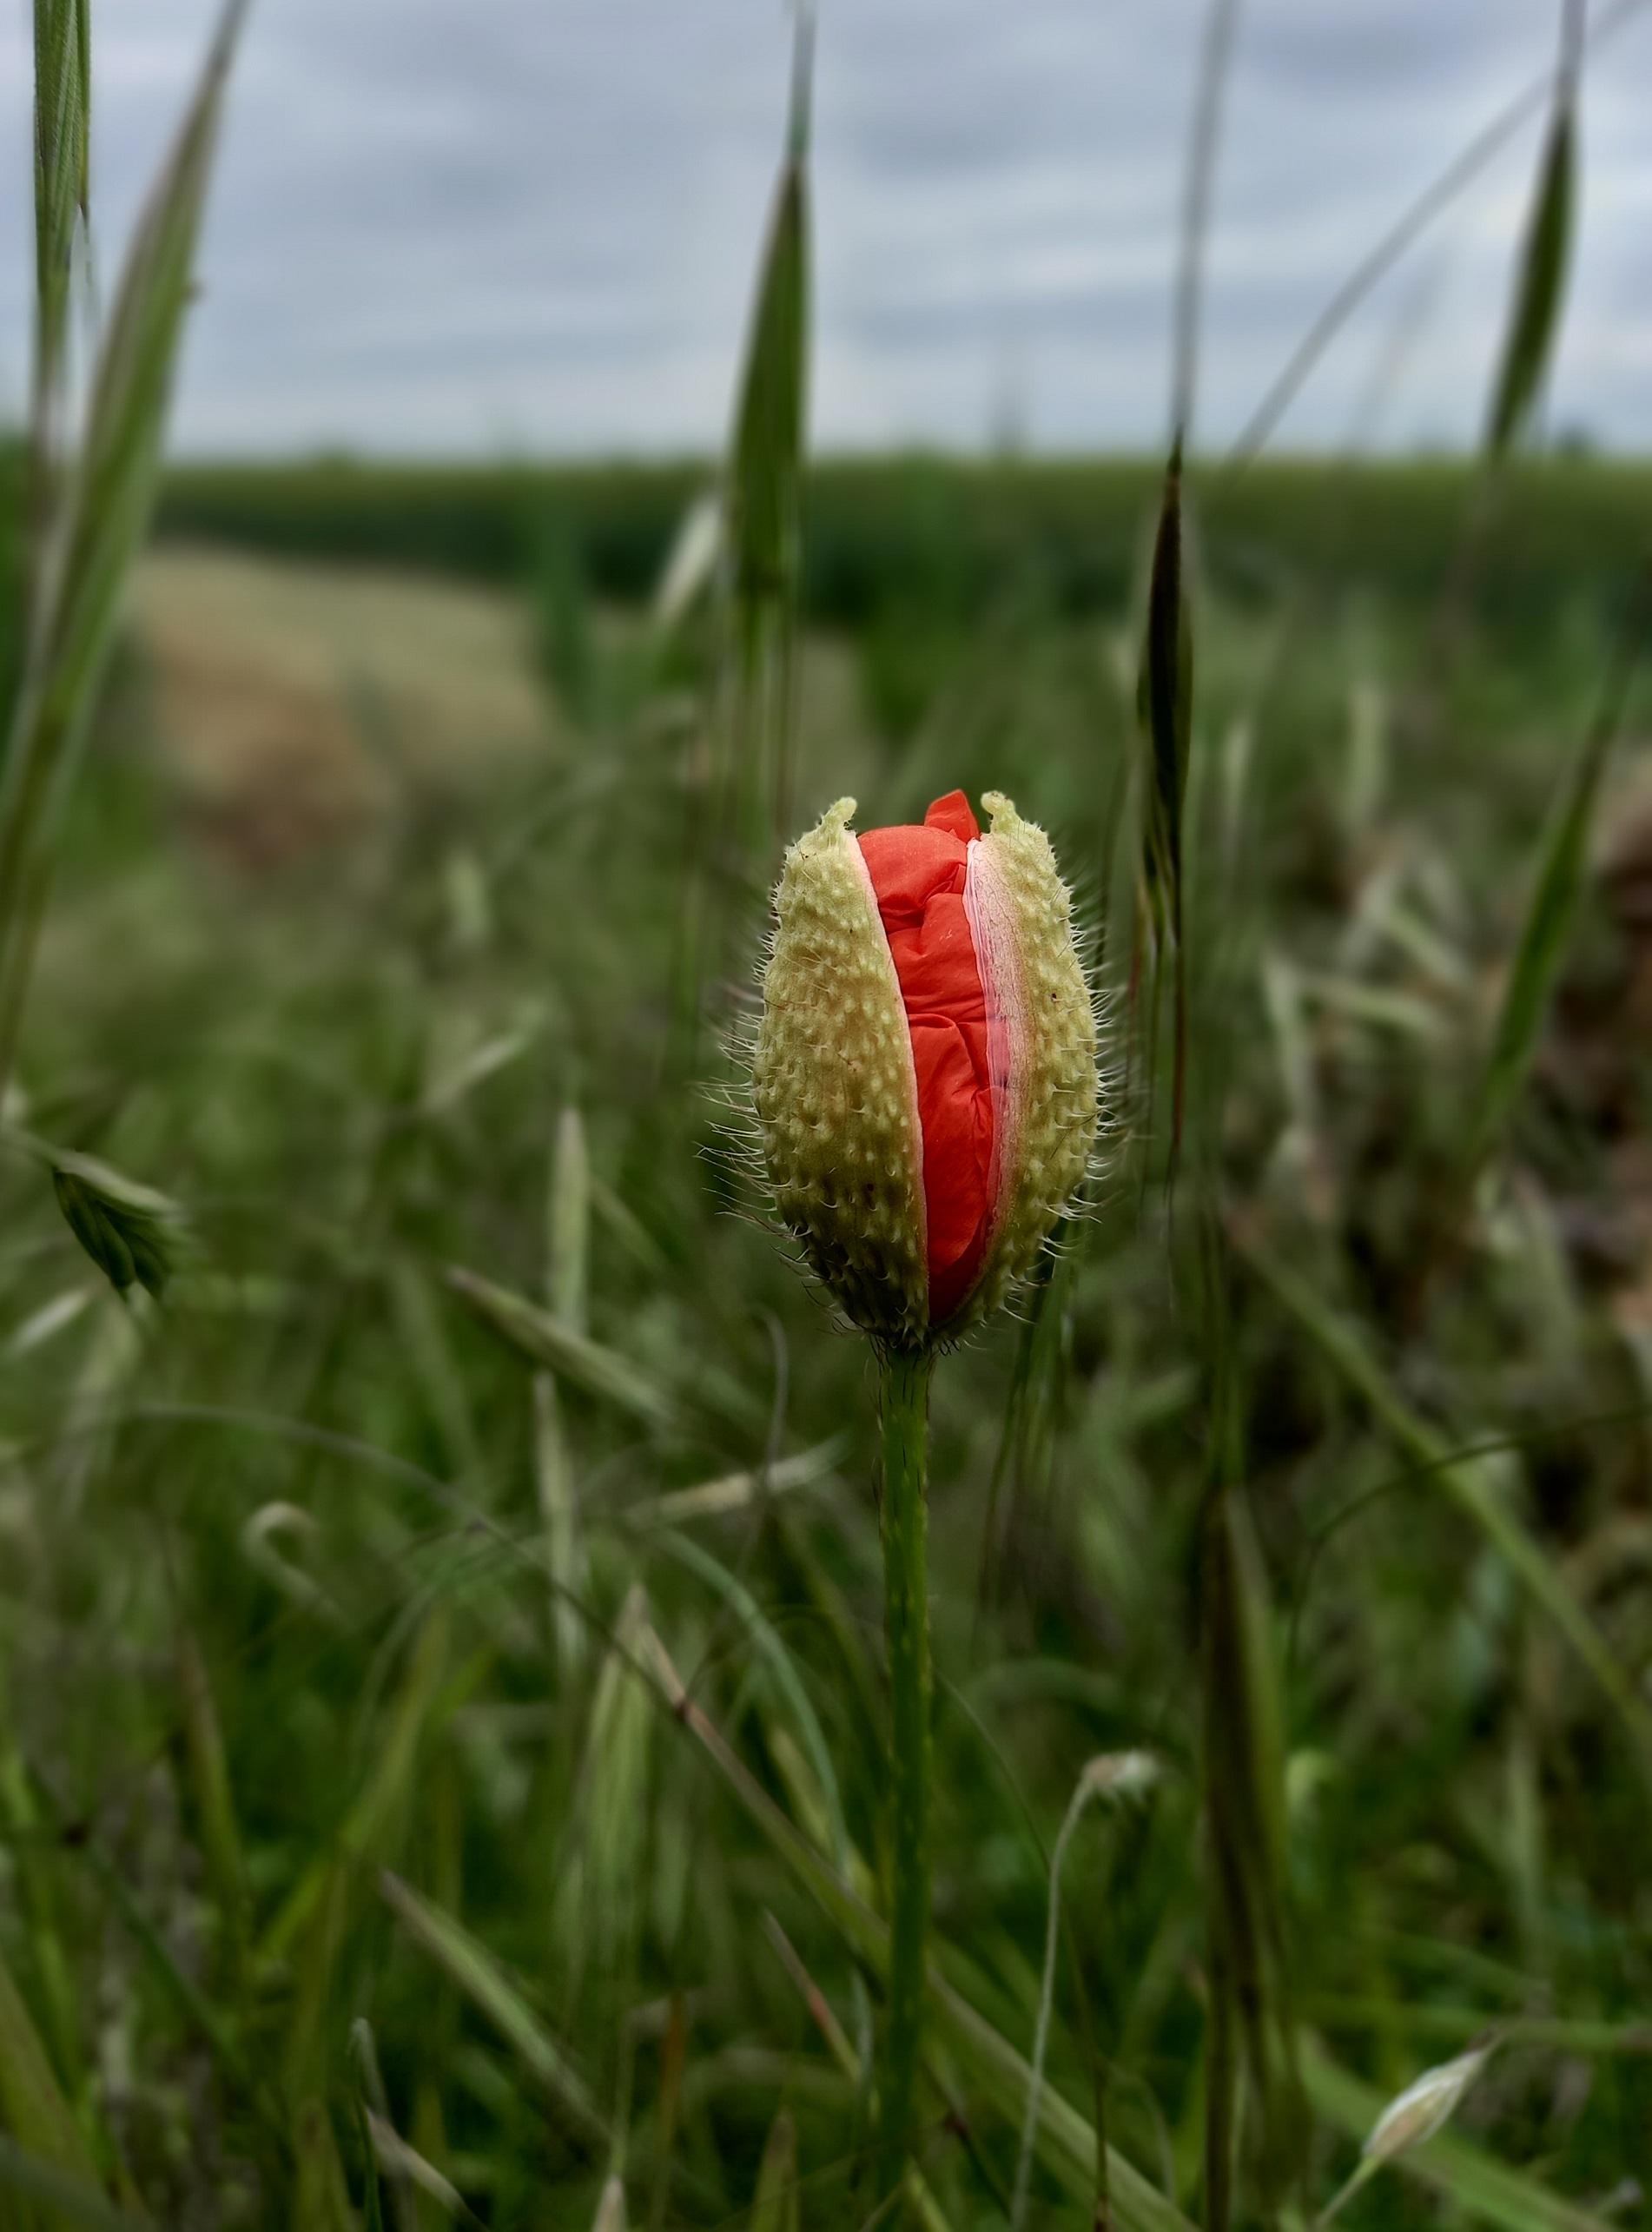 Budding poppy (photo by Andrea Hajek)